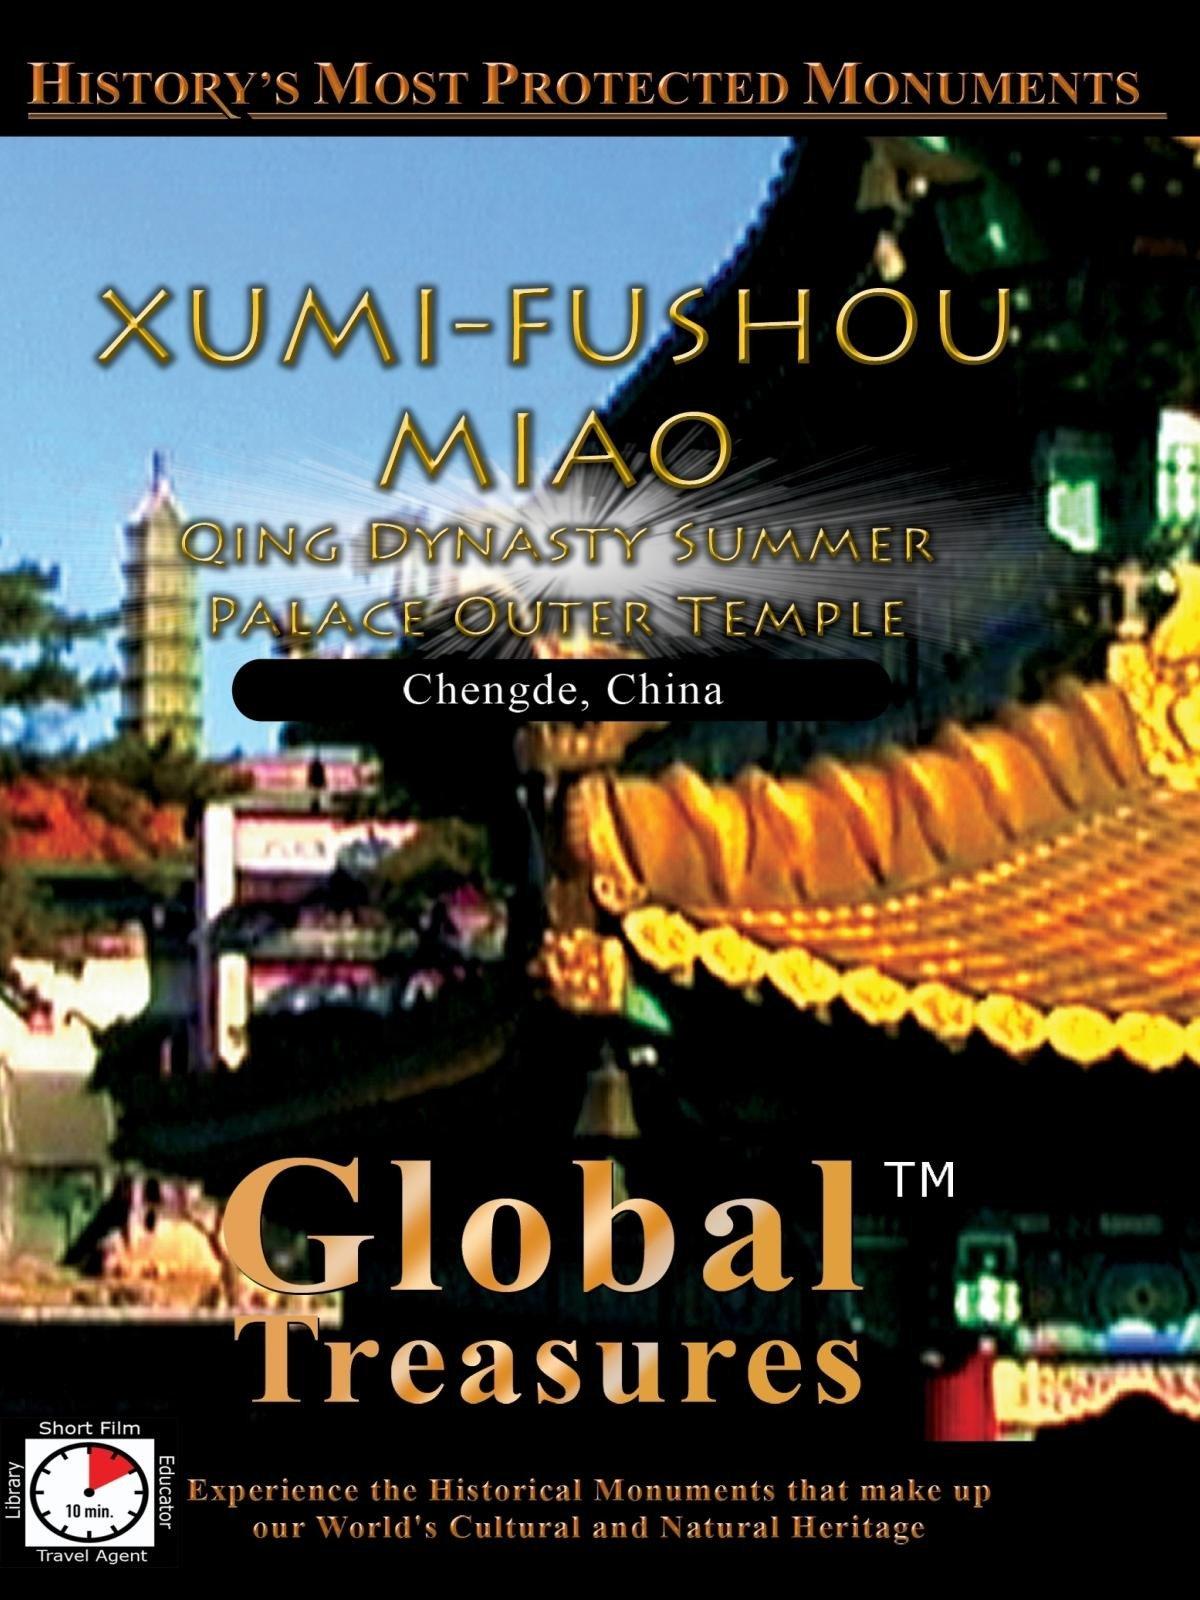 Global Treasures - Xumi-Fushou-Miao - Chengde, China on Amazon Prime Video UK